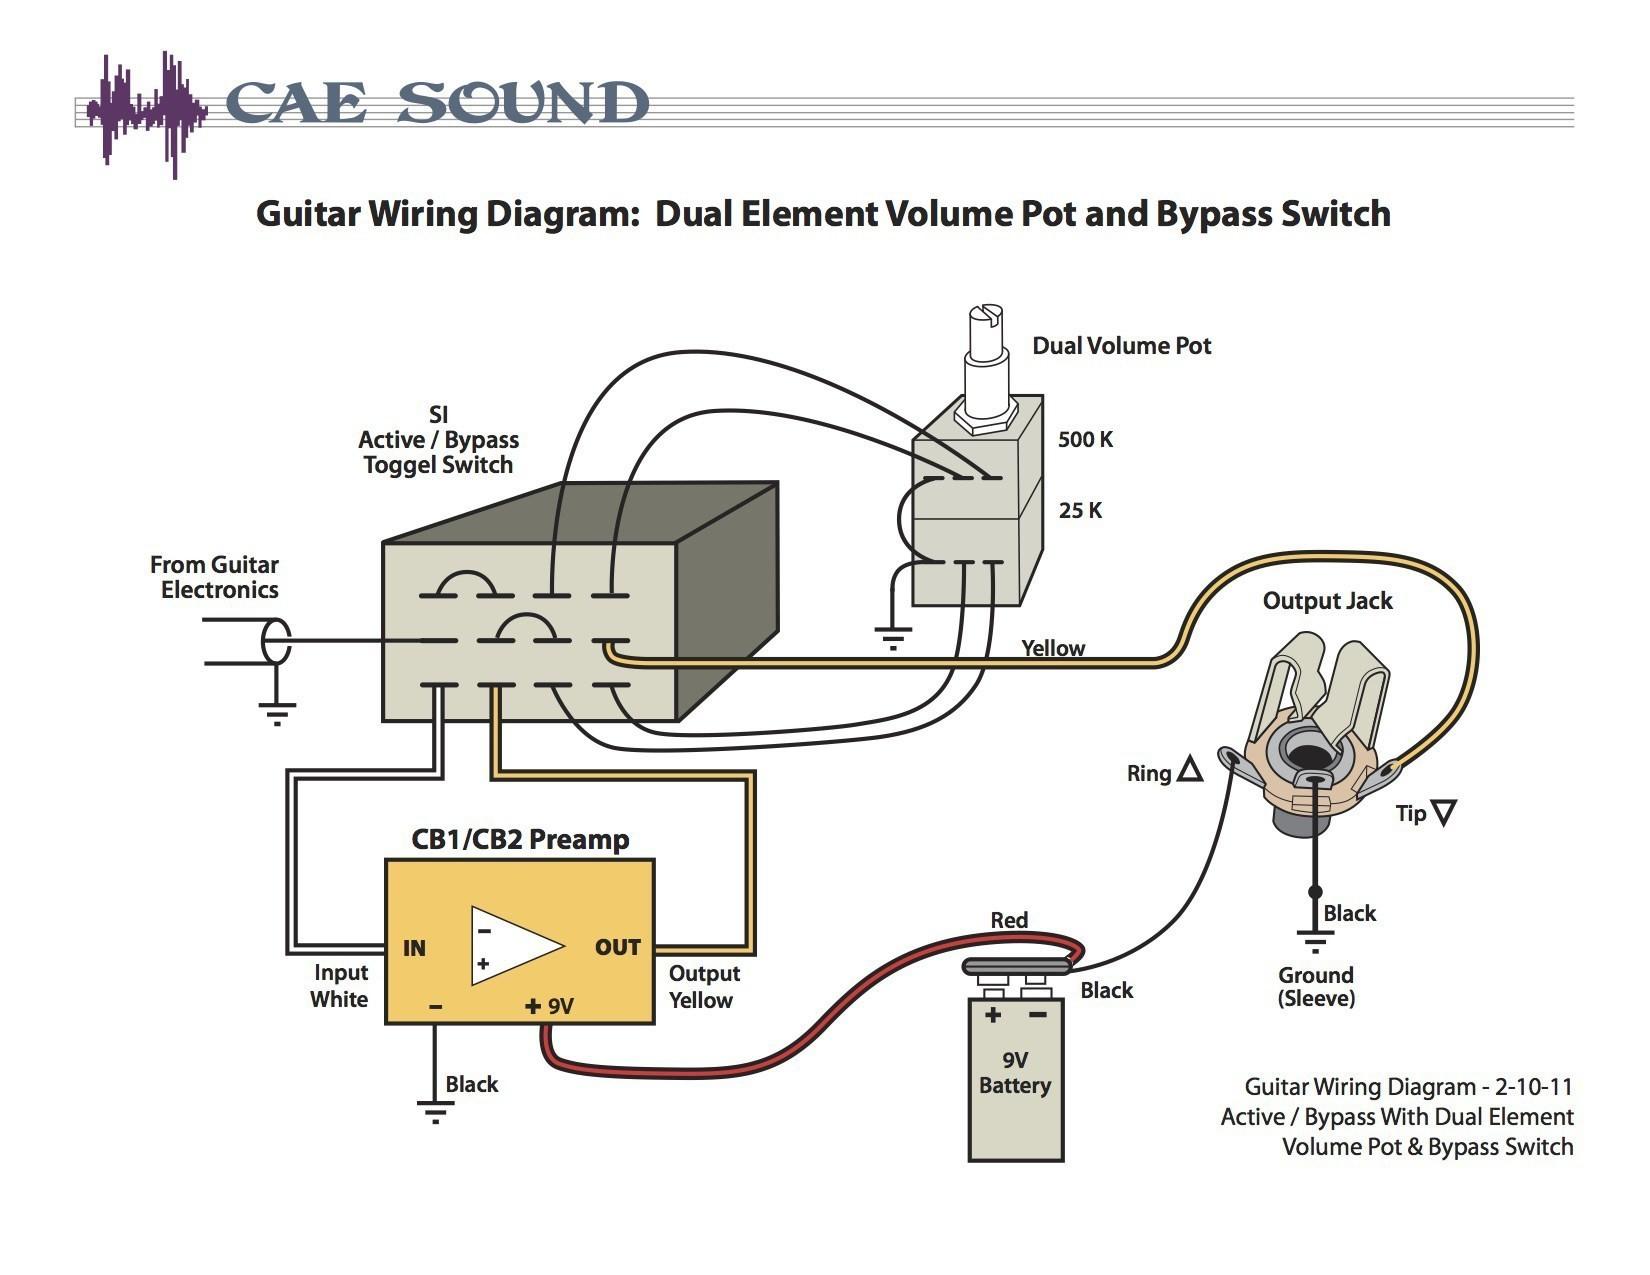 speaker cabinet wiring diagrams wiring diagrams pl4x12 guitar cabinet wiring diagram wiring speaker cabinets 3 speaker wiring impedance 4x12 speaker cabinet